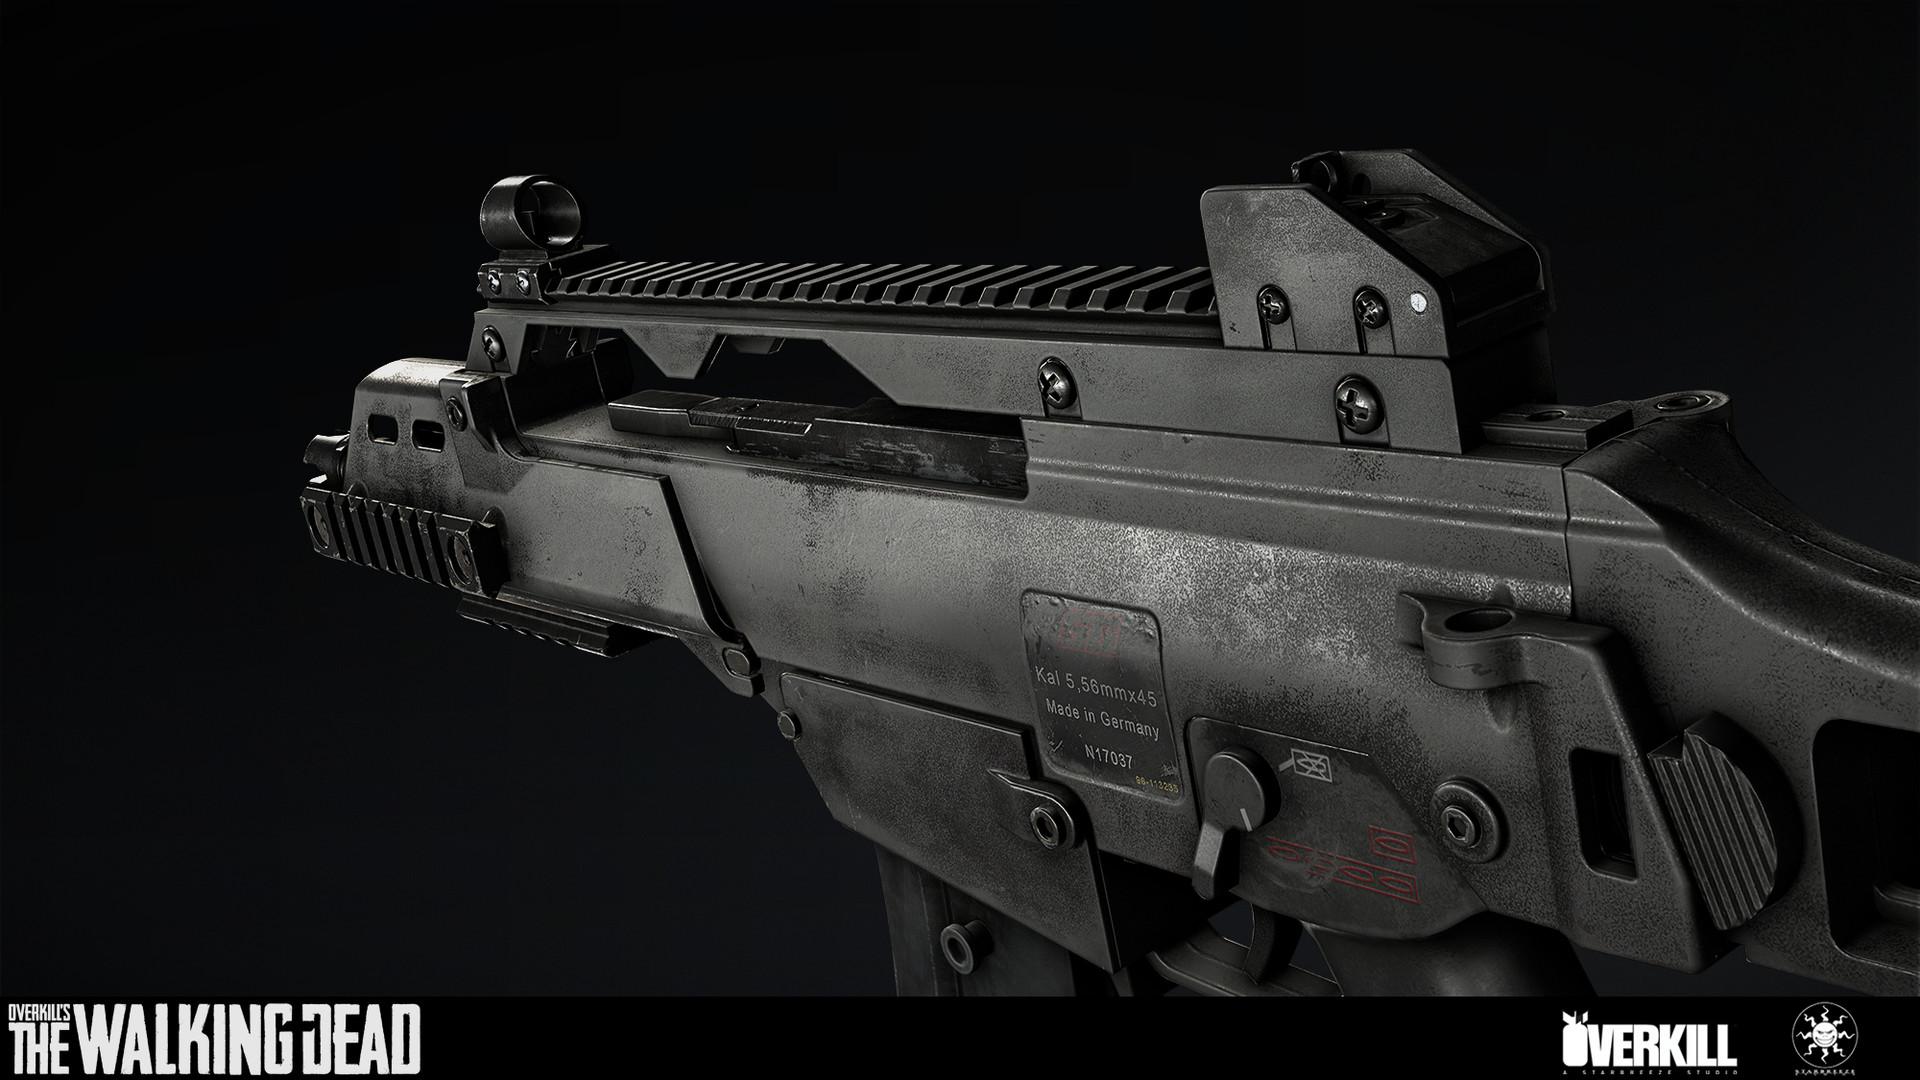 Maxi vazquez g36 2